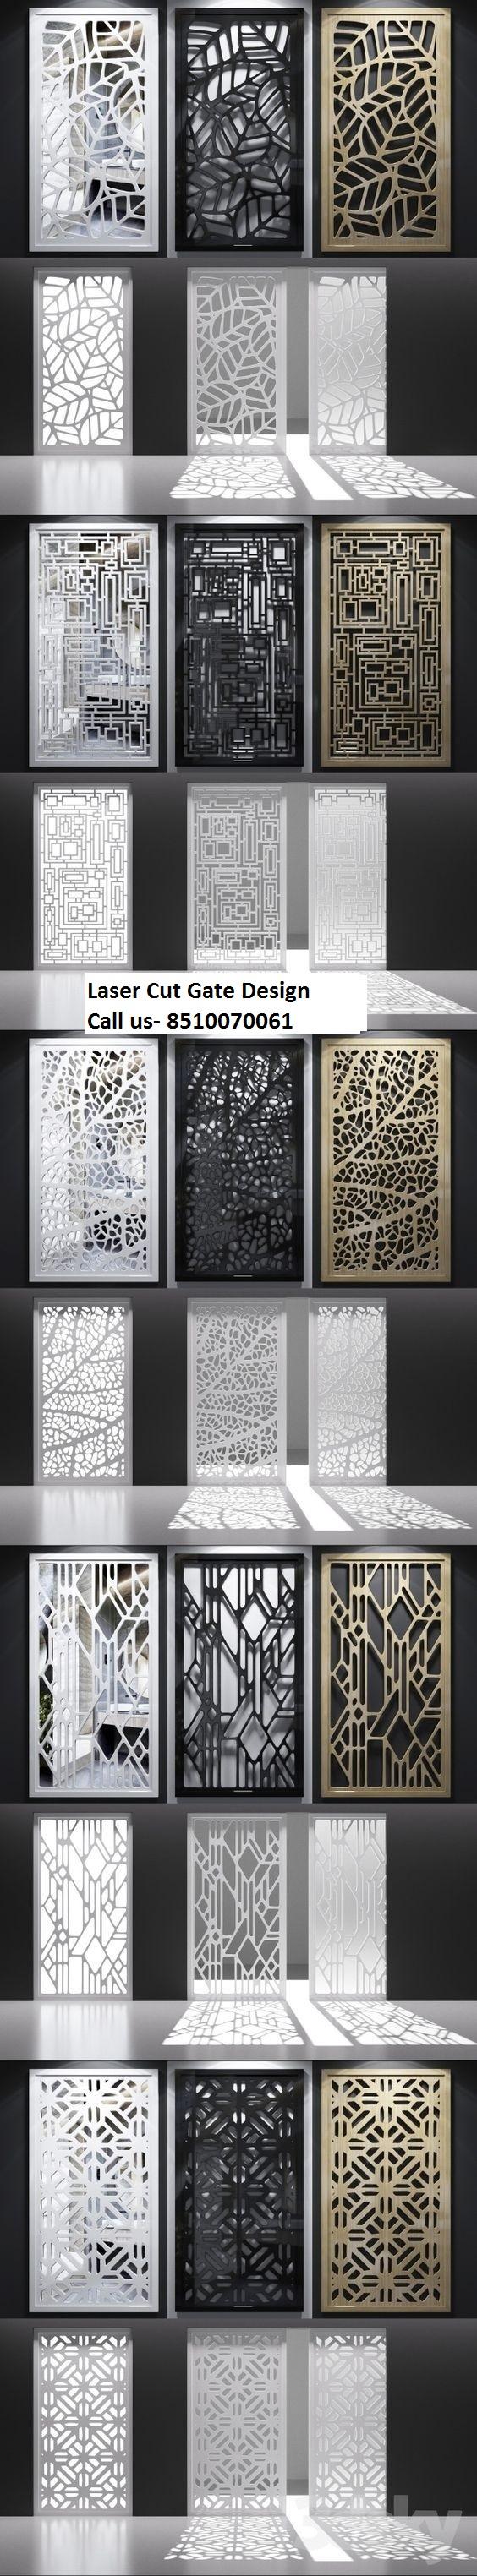 Front Elevation Jali Design : Laser cut gate railing decorative screen metal steel